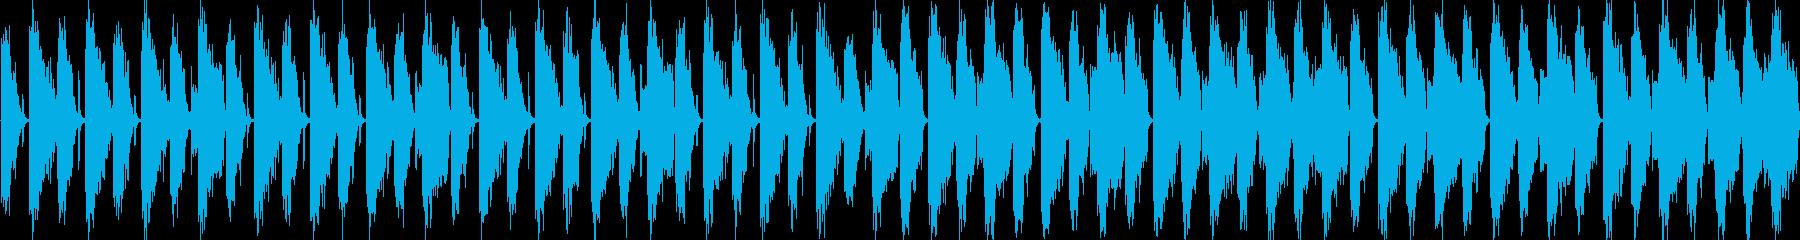 ノリノリループ素材の再生済みの波形